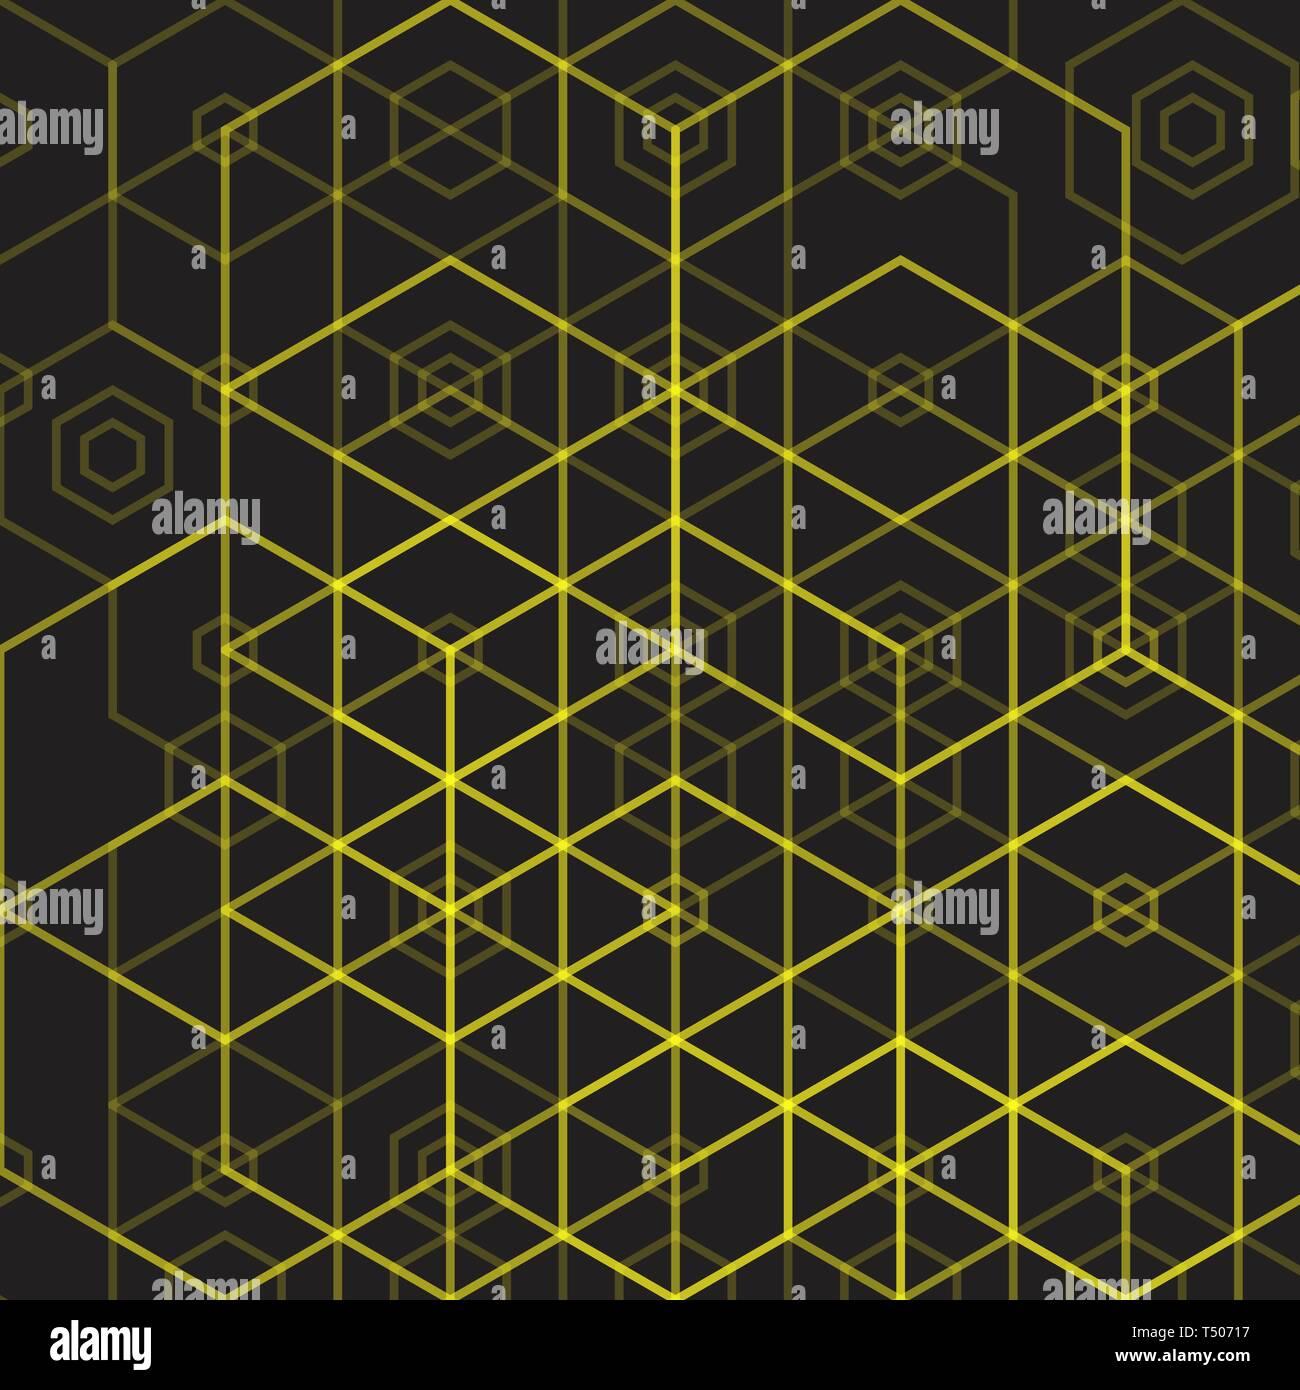 Resumen antecedentes con patrón geométrico. Eps10 ilustración vectorial Imagen De Stock